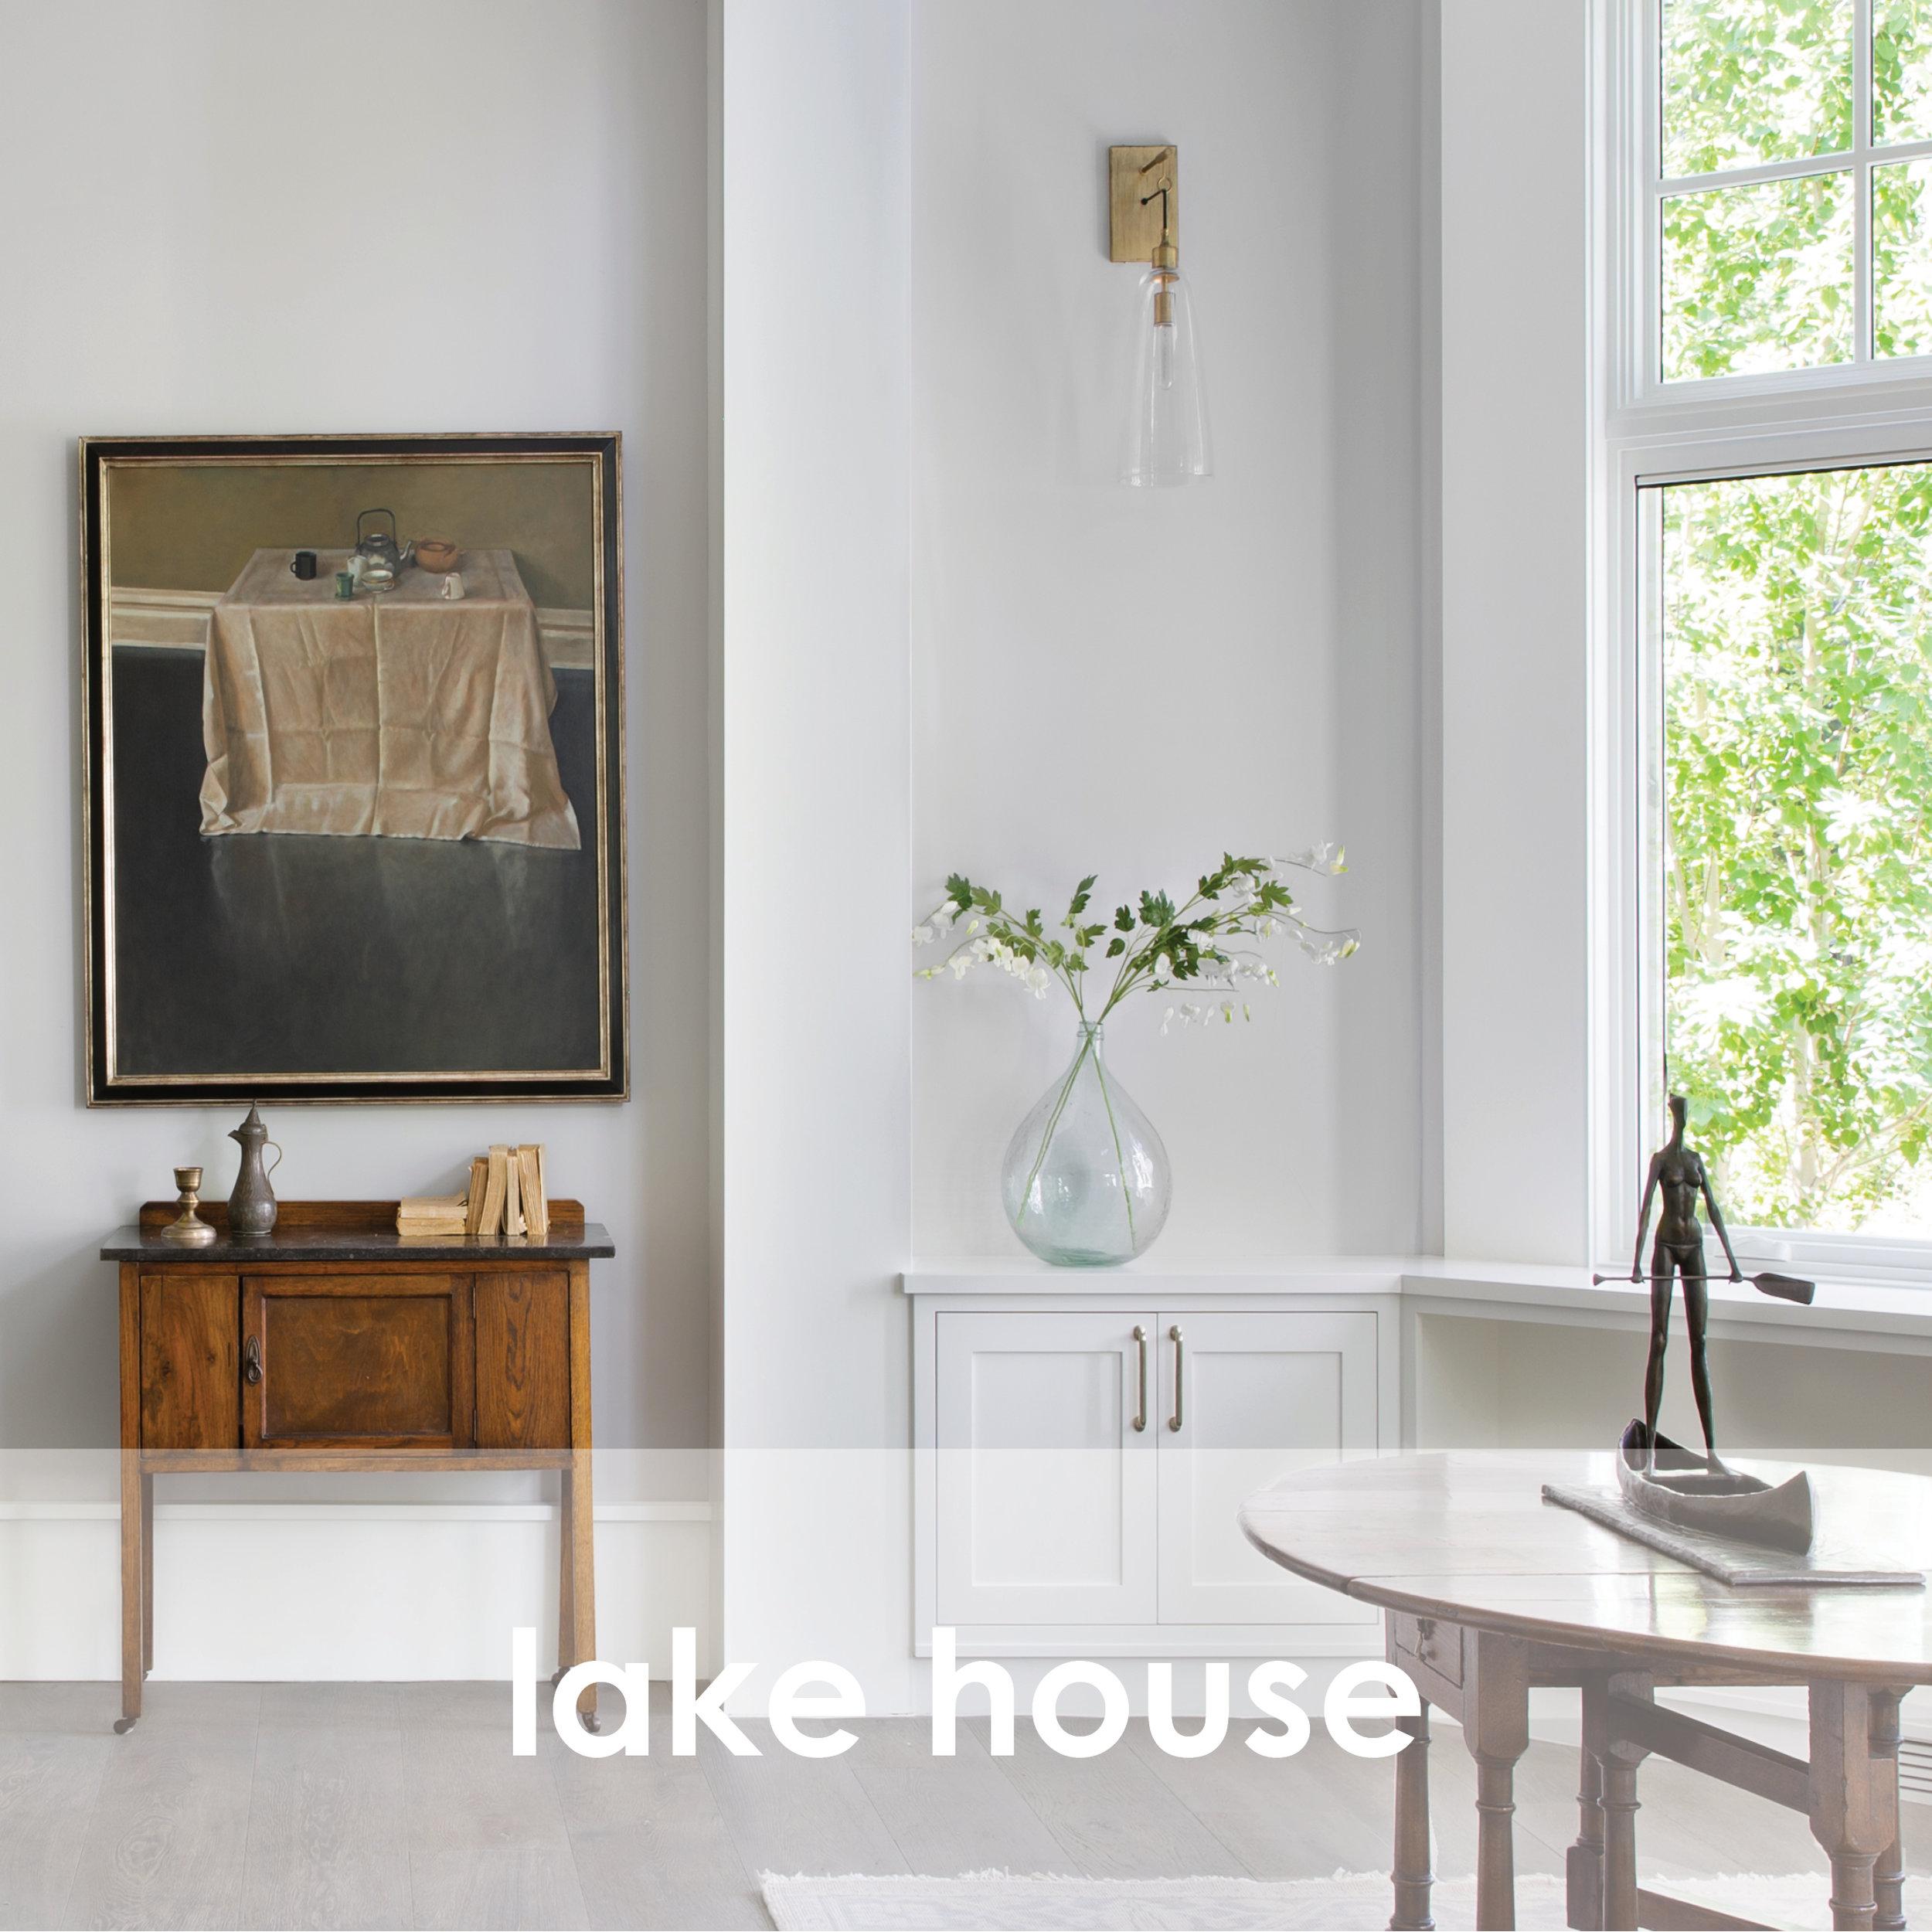 lake house-Dunlevie.jpg